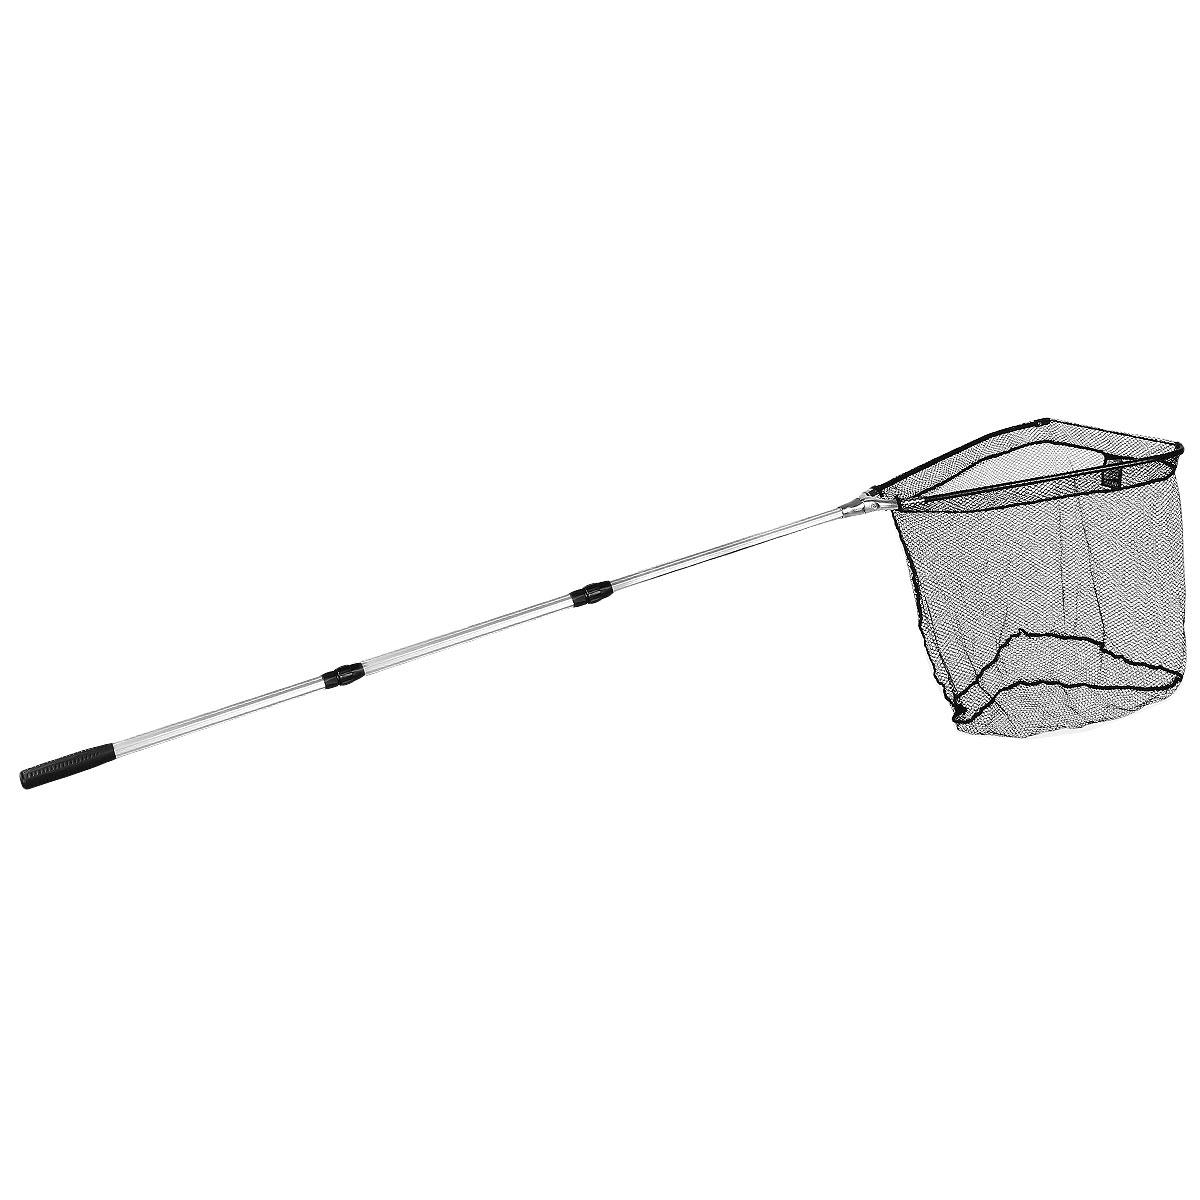 Подсачек складной Salmo, телескопический, 250 см х 77 см х 64 см7502-140Подсачек - важная деталь снаряжения любого рыболова. Удобный складной подсачек с треугольной формой сачка и телескопической ручкой. Размер ячейки 0,8 см х 0,8 см. На ручке расположен фиксатор для закрепления на поясе.Материал: металл, капрон.